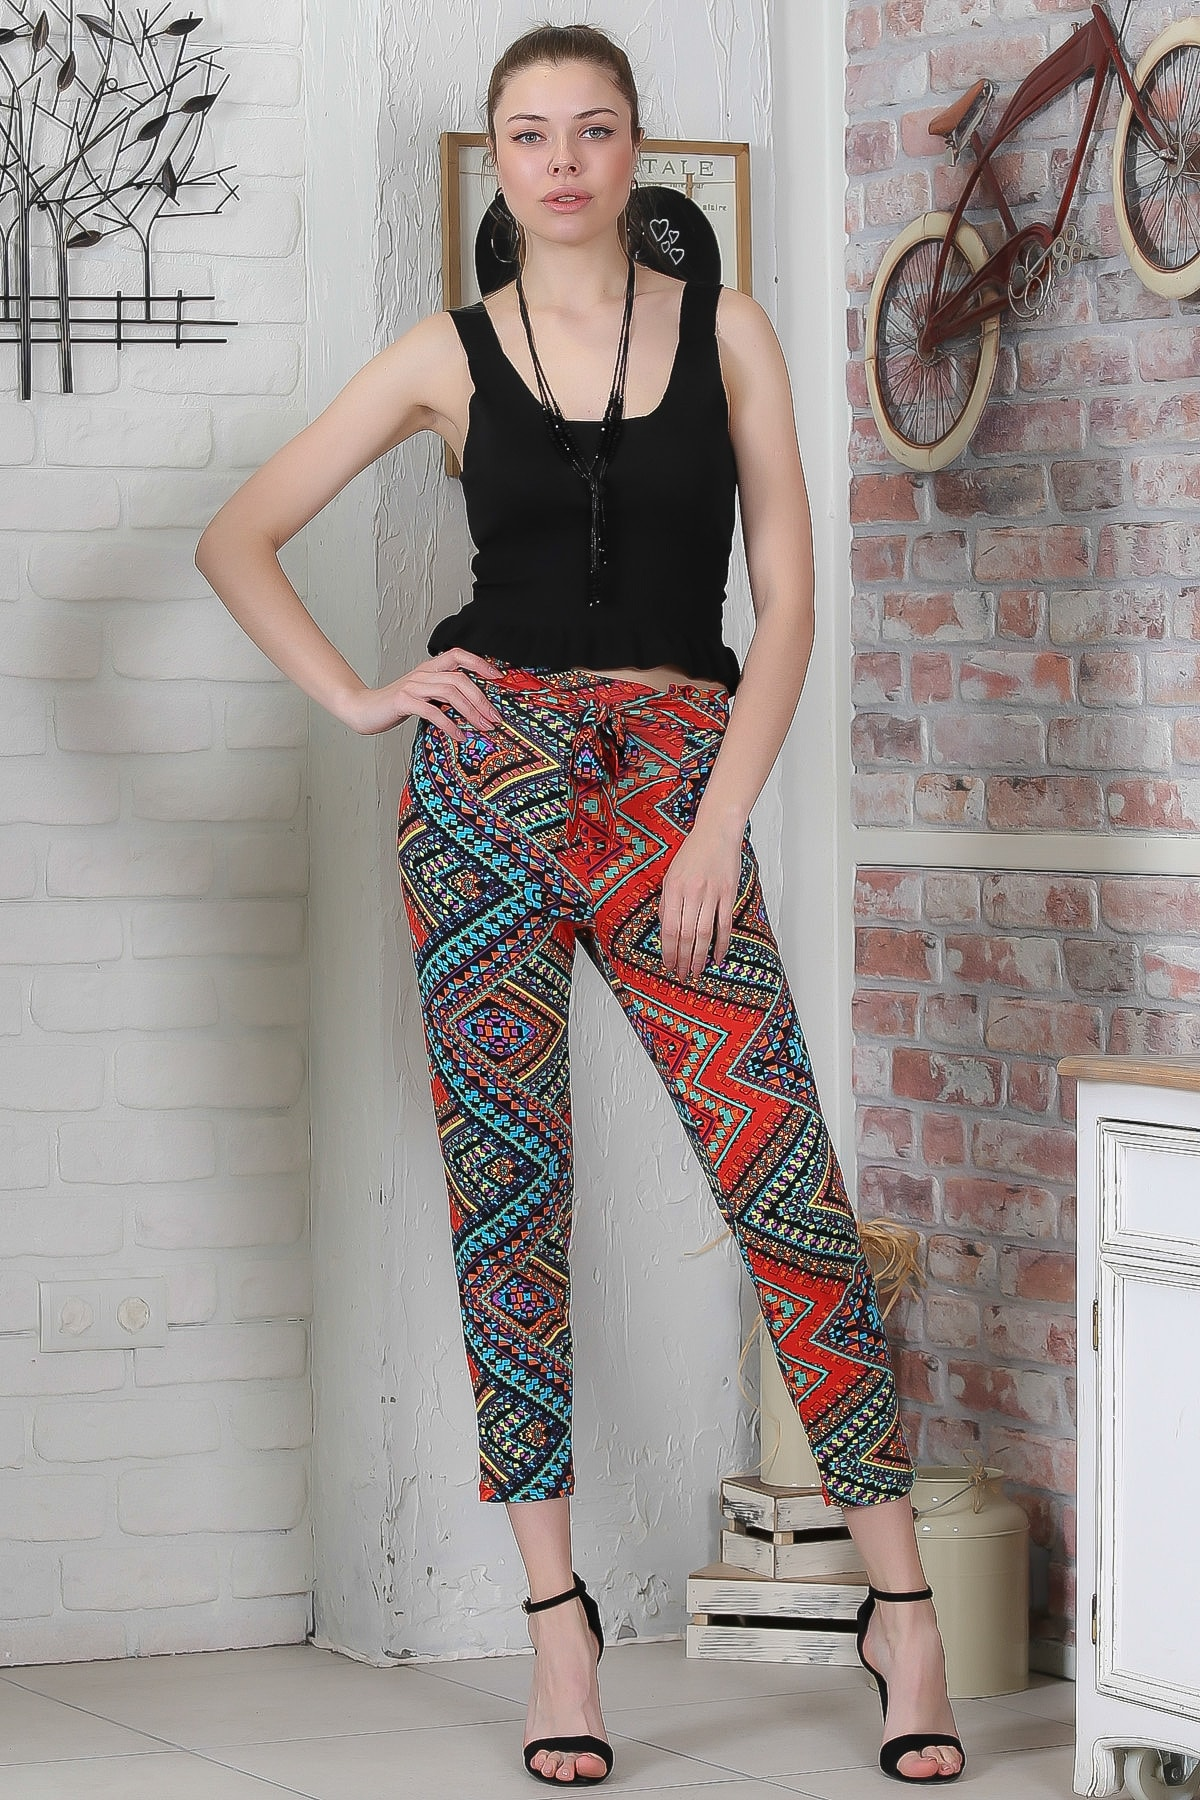 Chiccy Kadın Kırmızı-Siyah Kilim Desenli Bağlamalı Dar Paça Pantolon M10060000PN98923 0